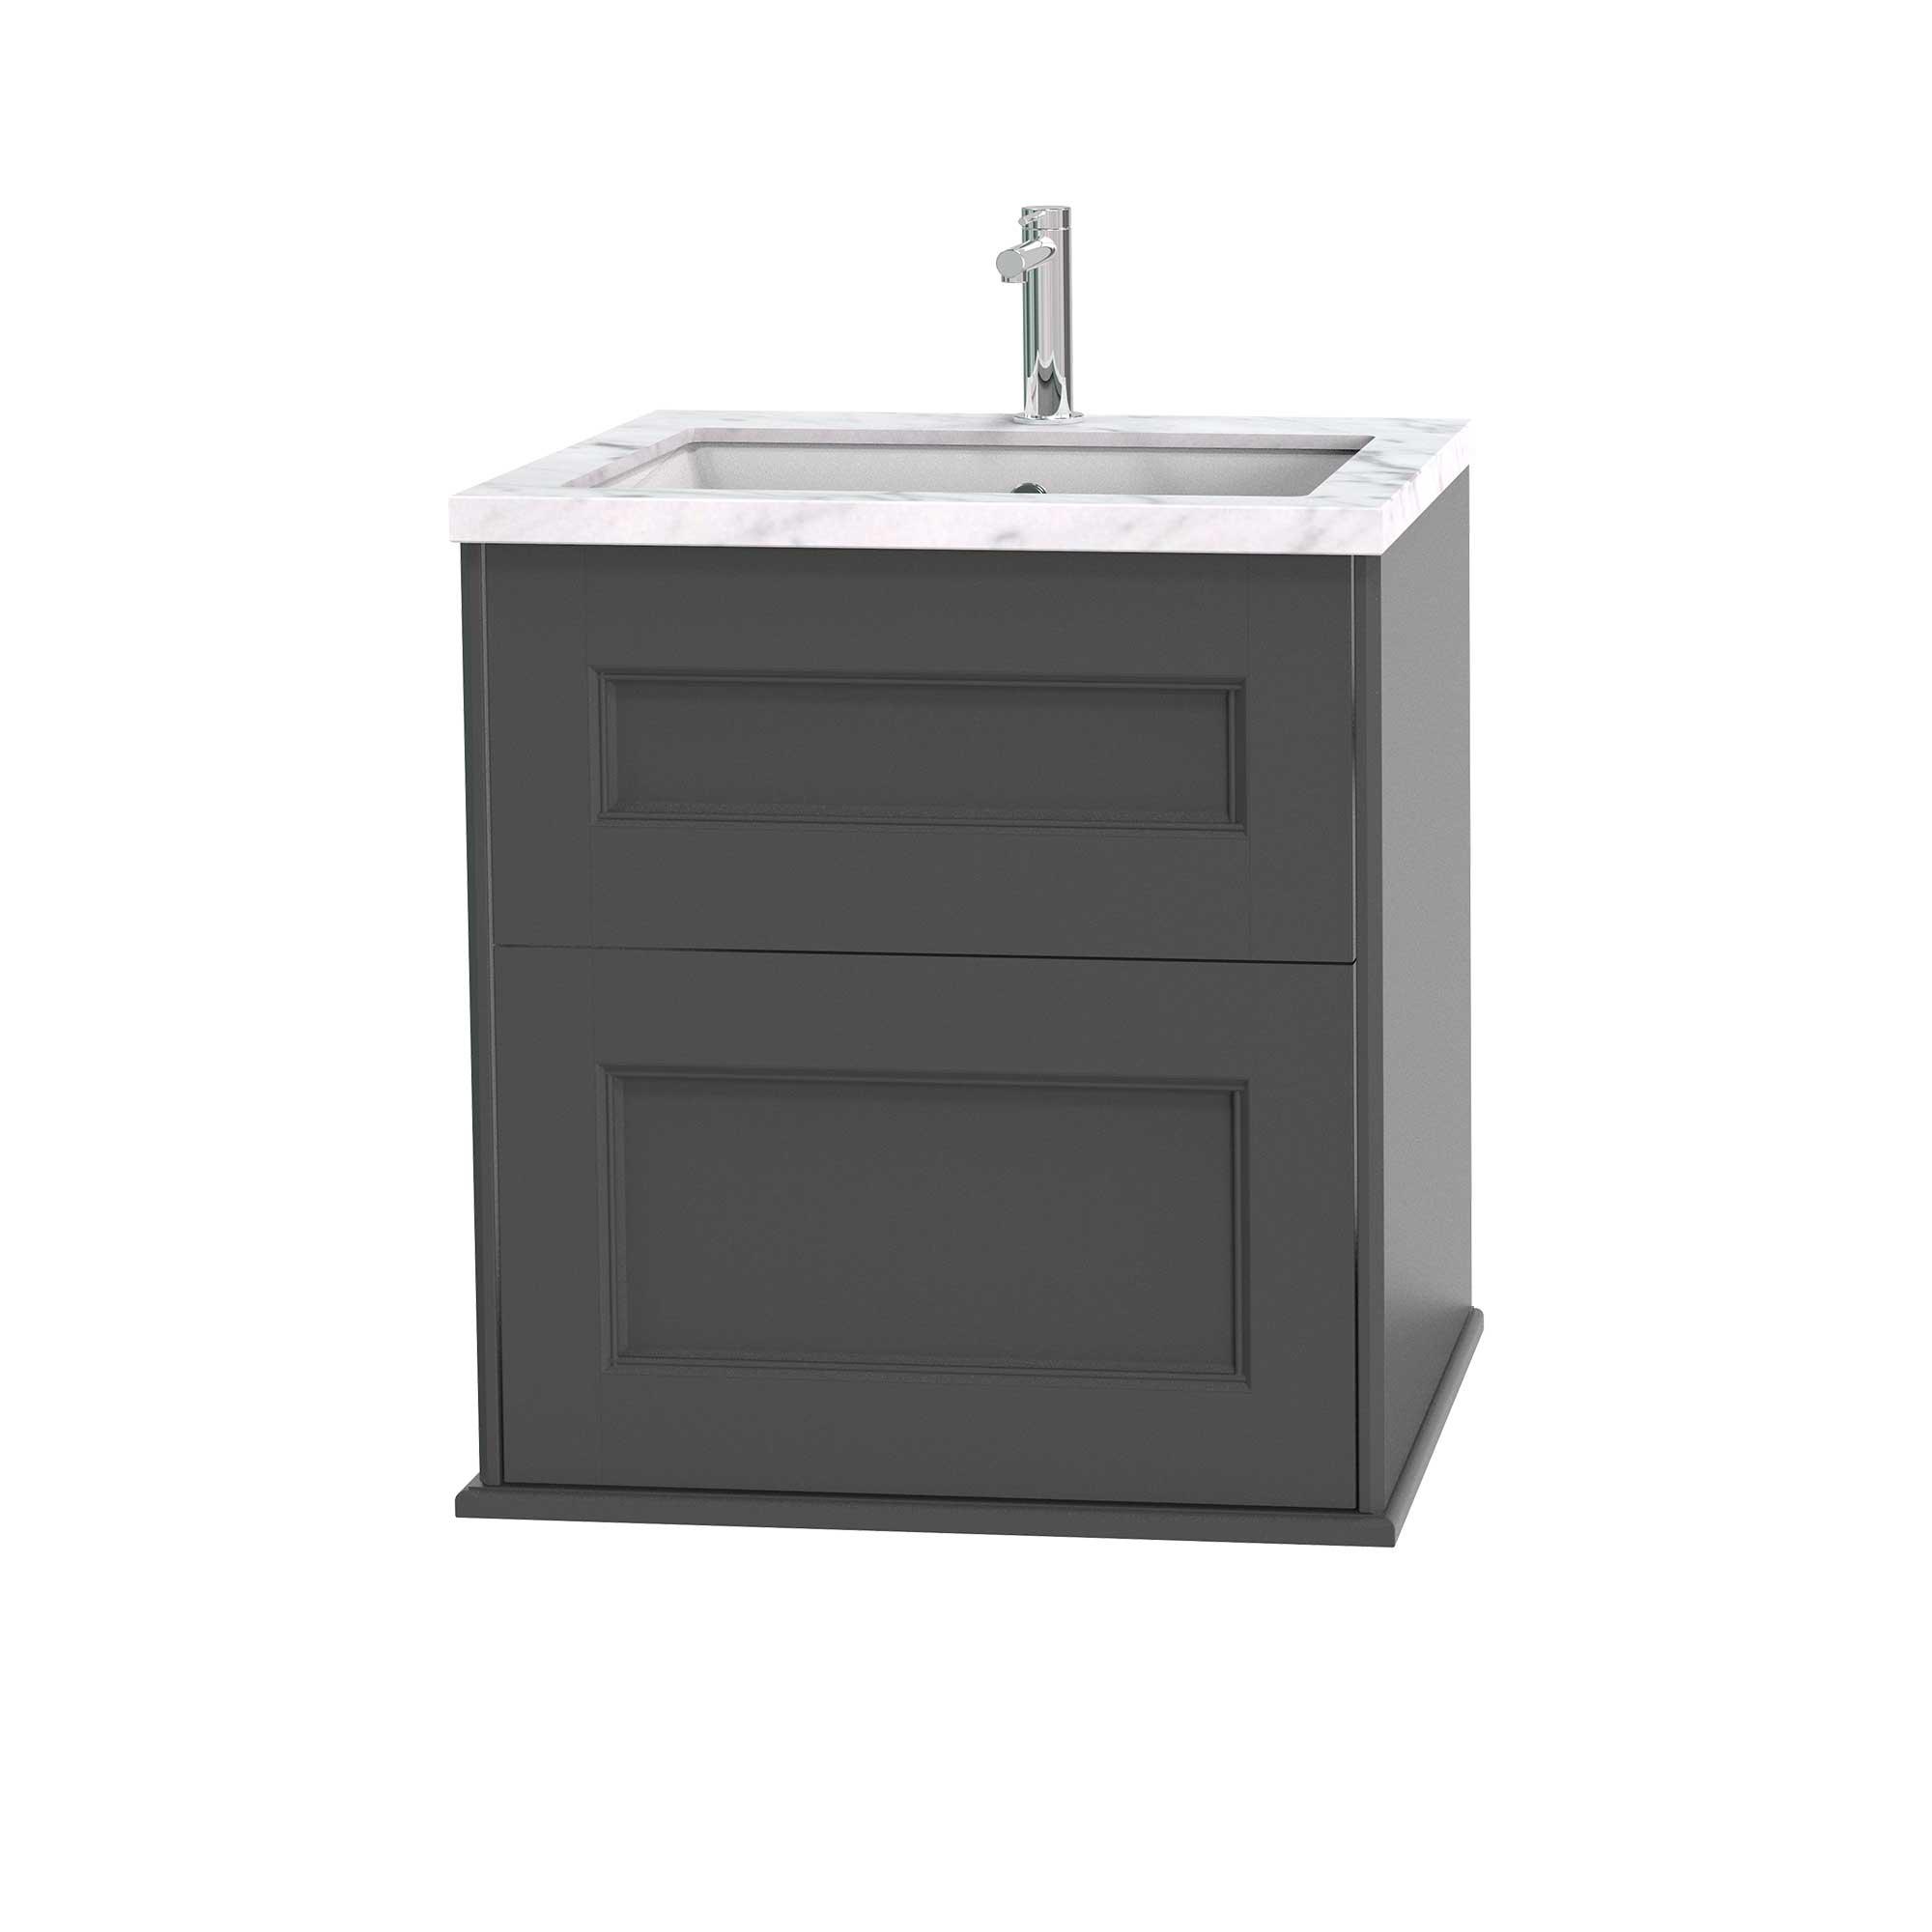 Tvättställsskåp Miller Badrum Kensington 60 med Lådor Vägghängd för Bänkskiva